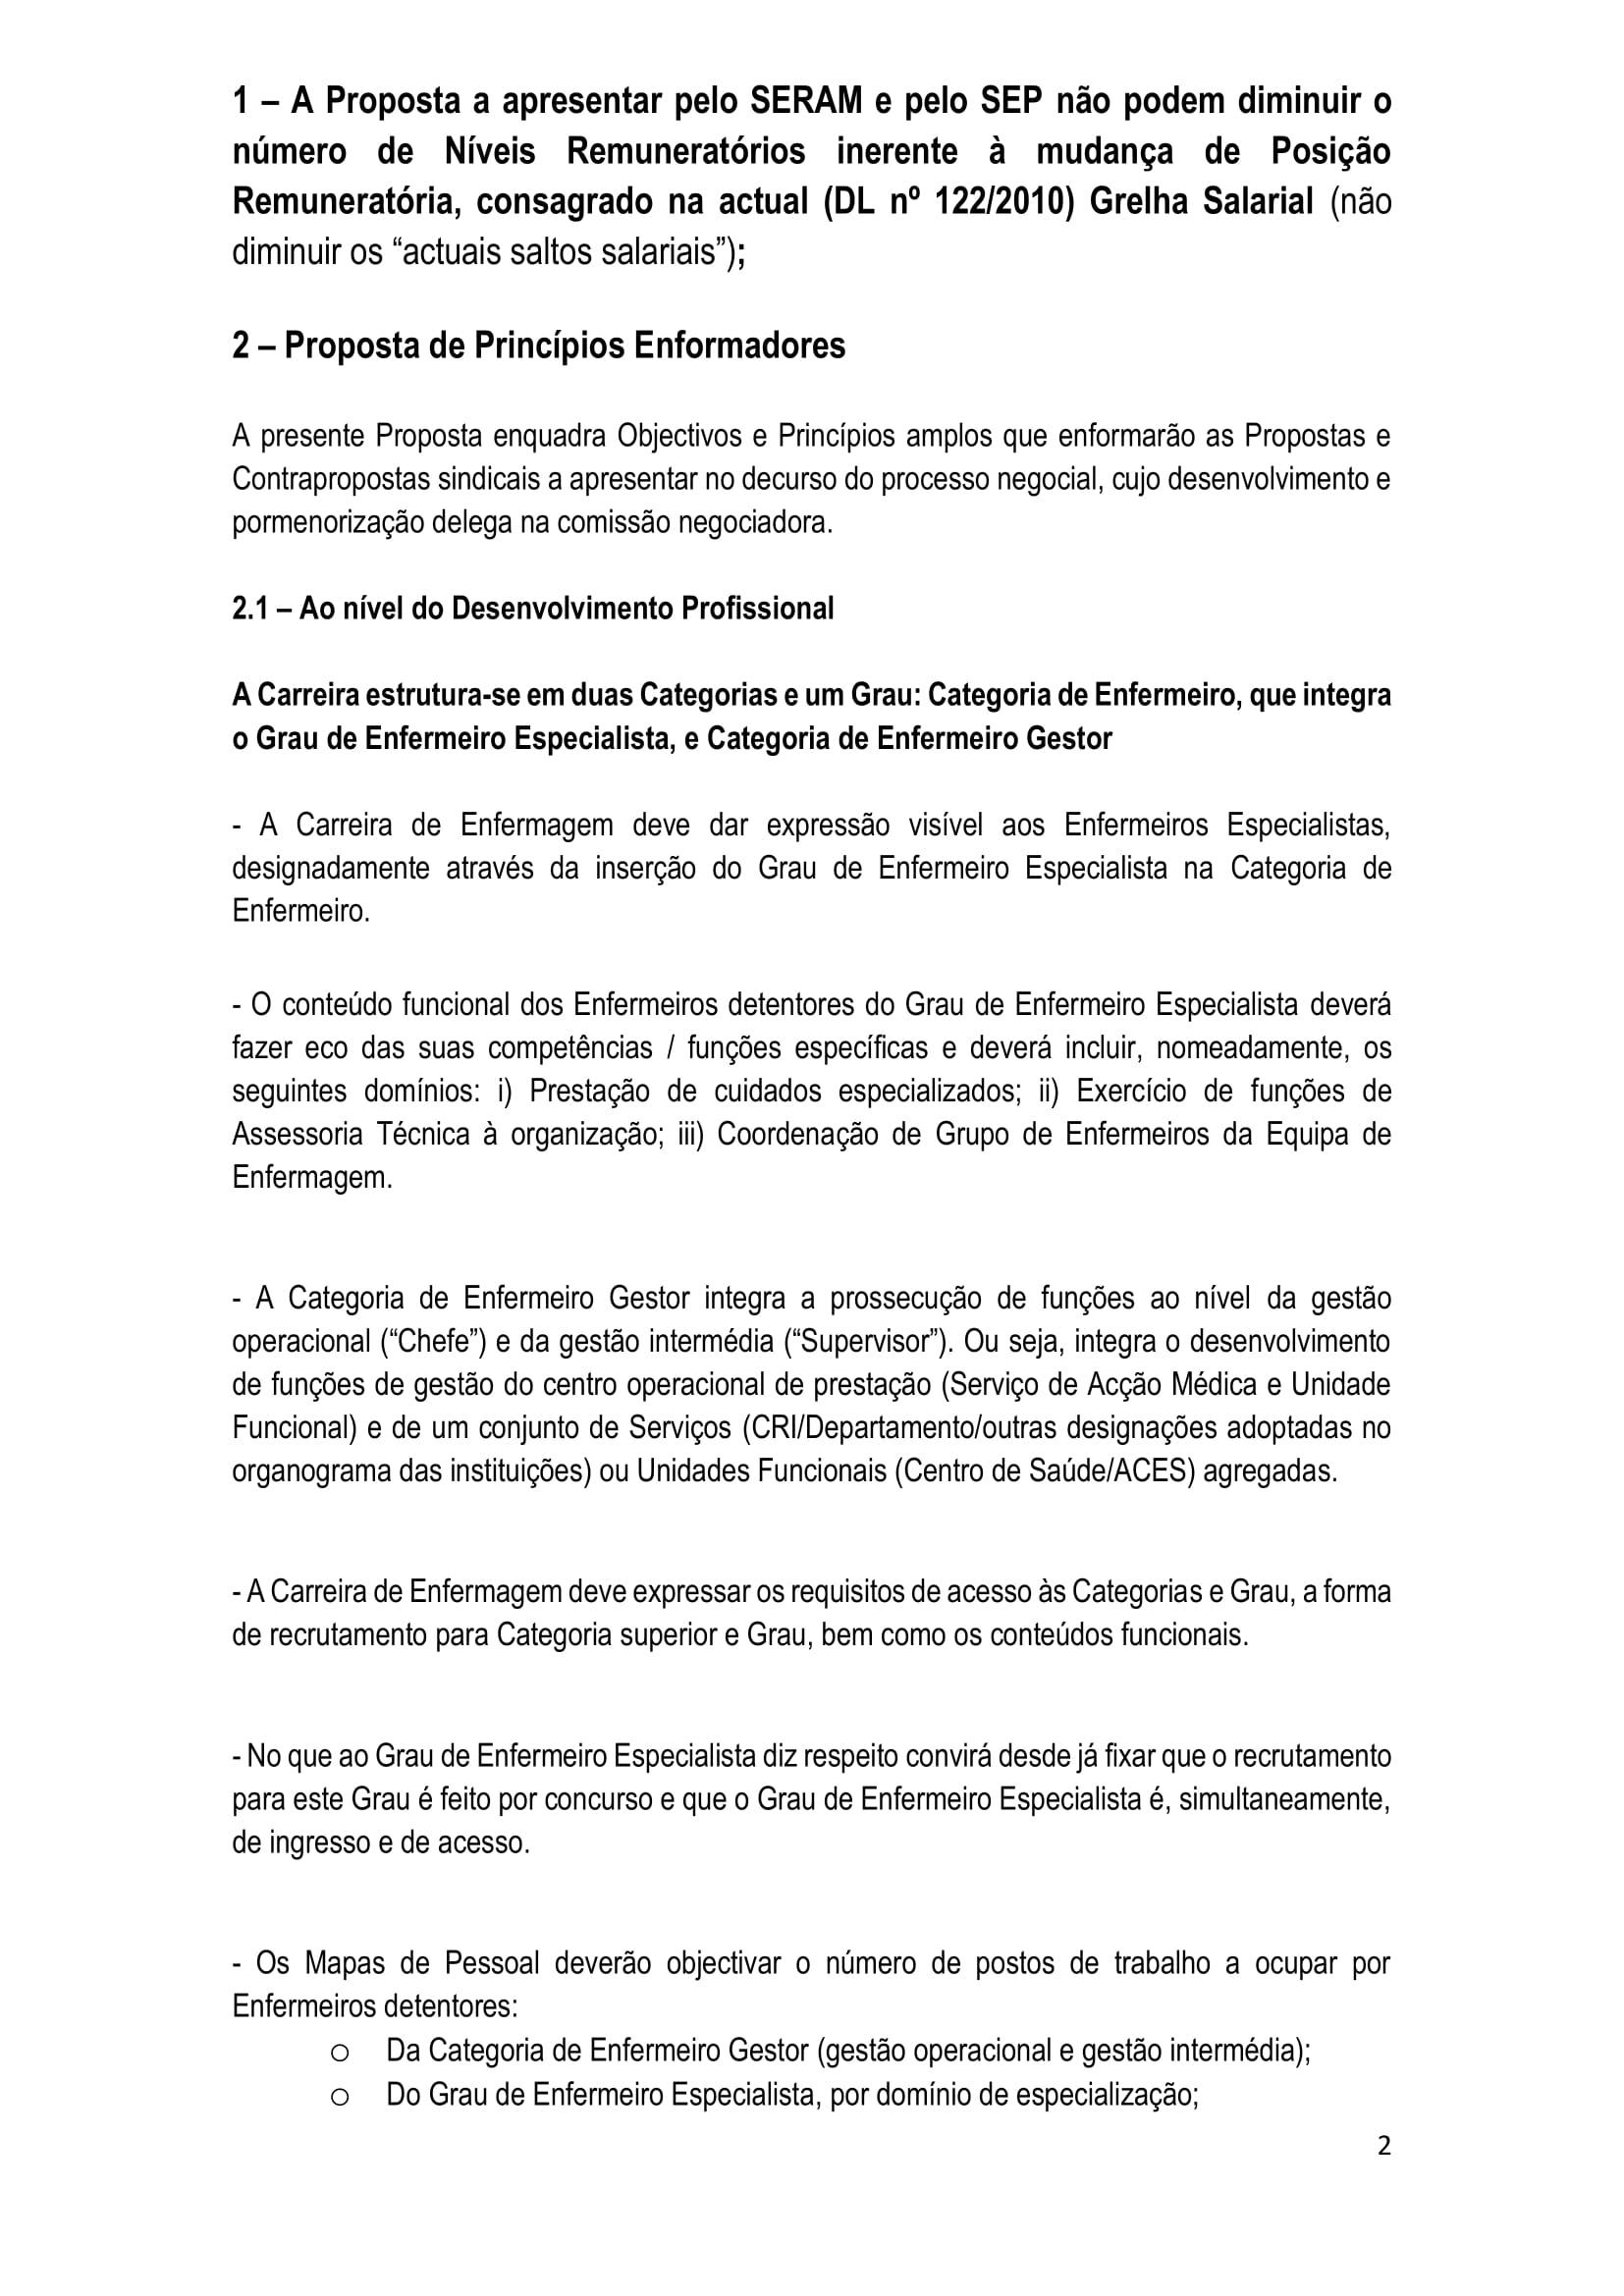 Reviso-carreira-de-enf-proposta-de-princ-enformad-2